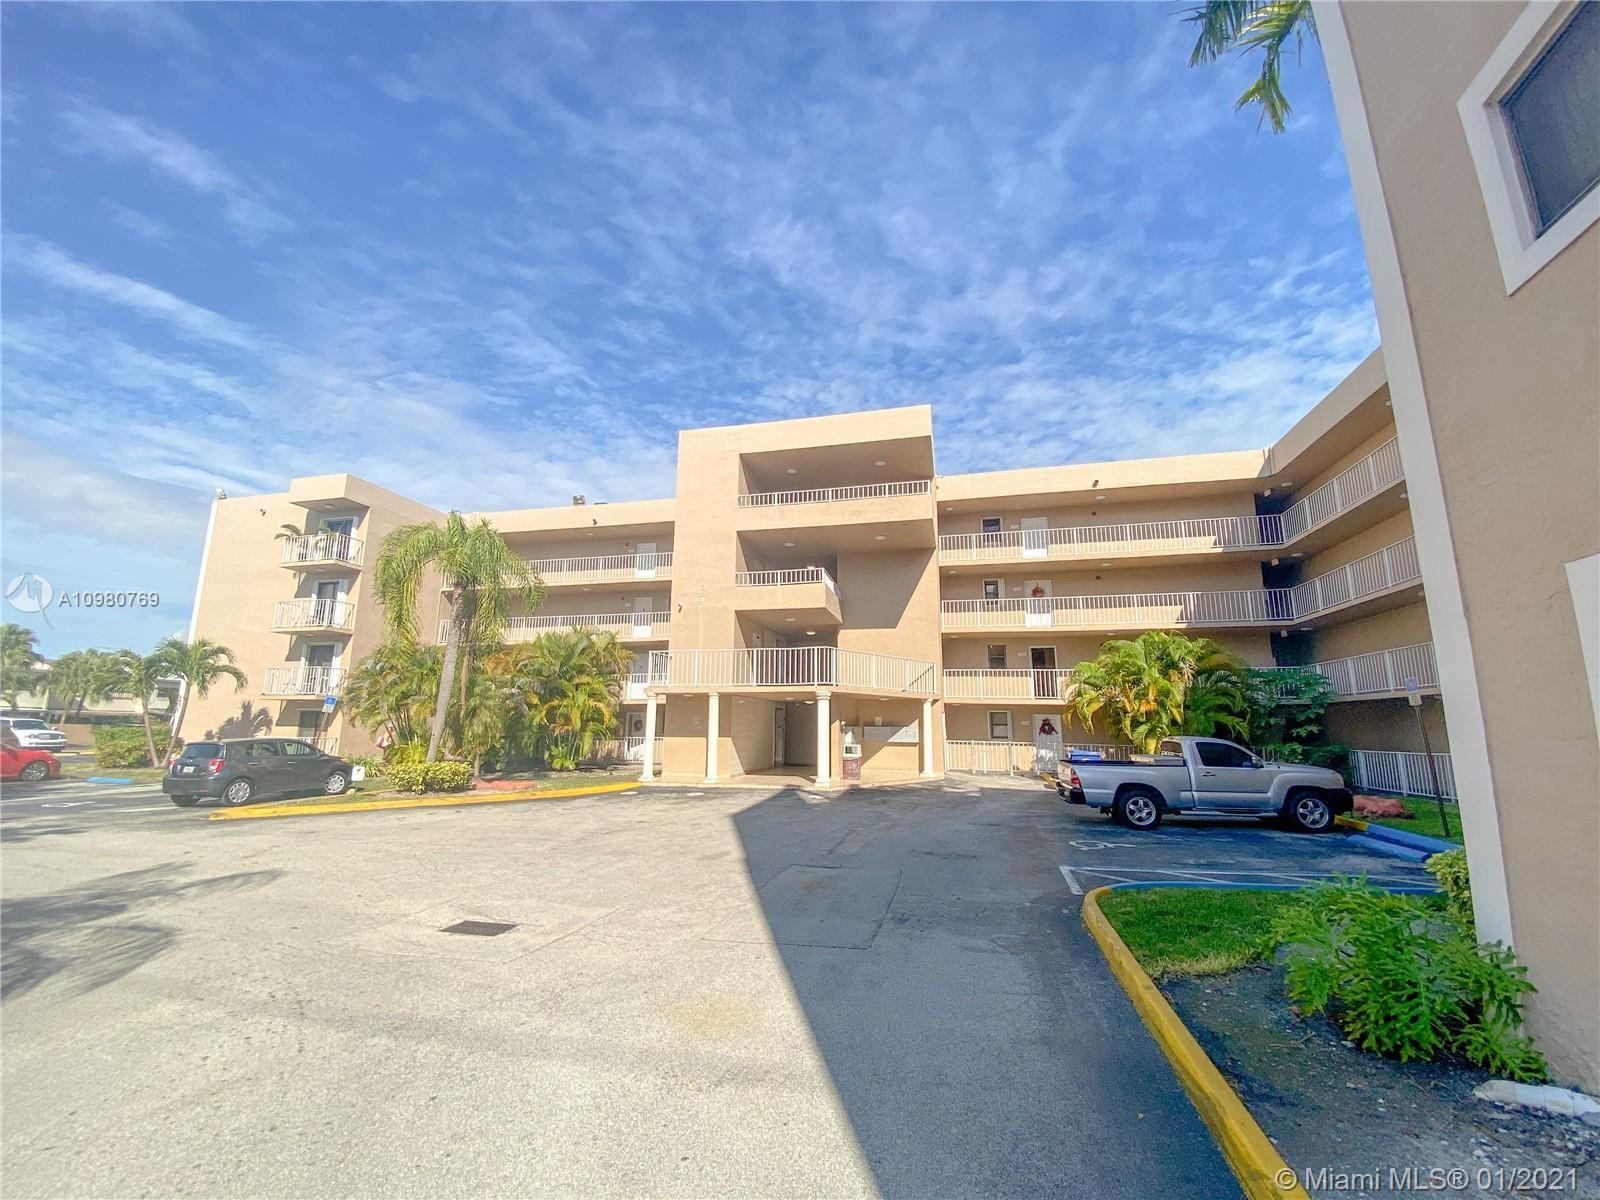 8517 NW 7th St #405, Miami, FL 33126 - #: A10980769